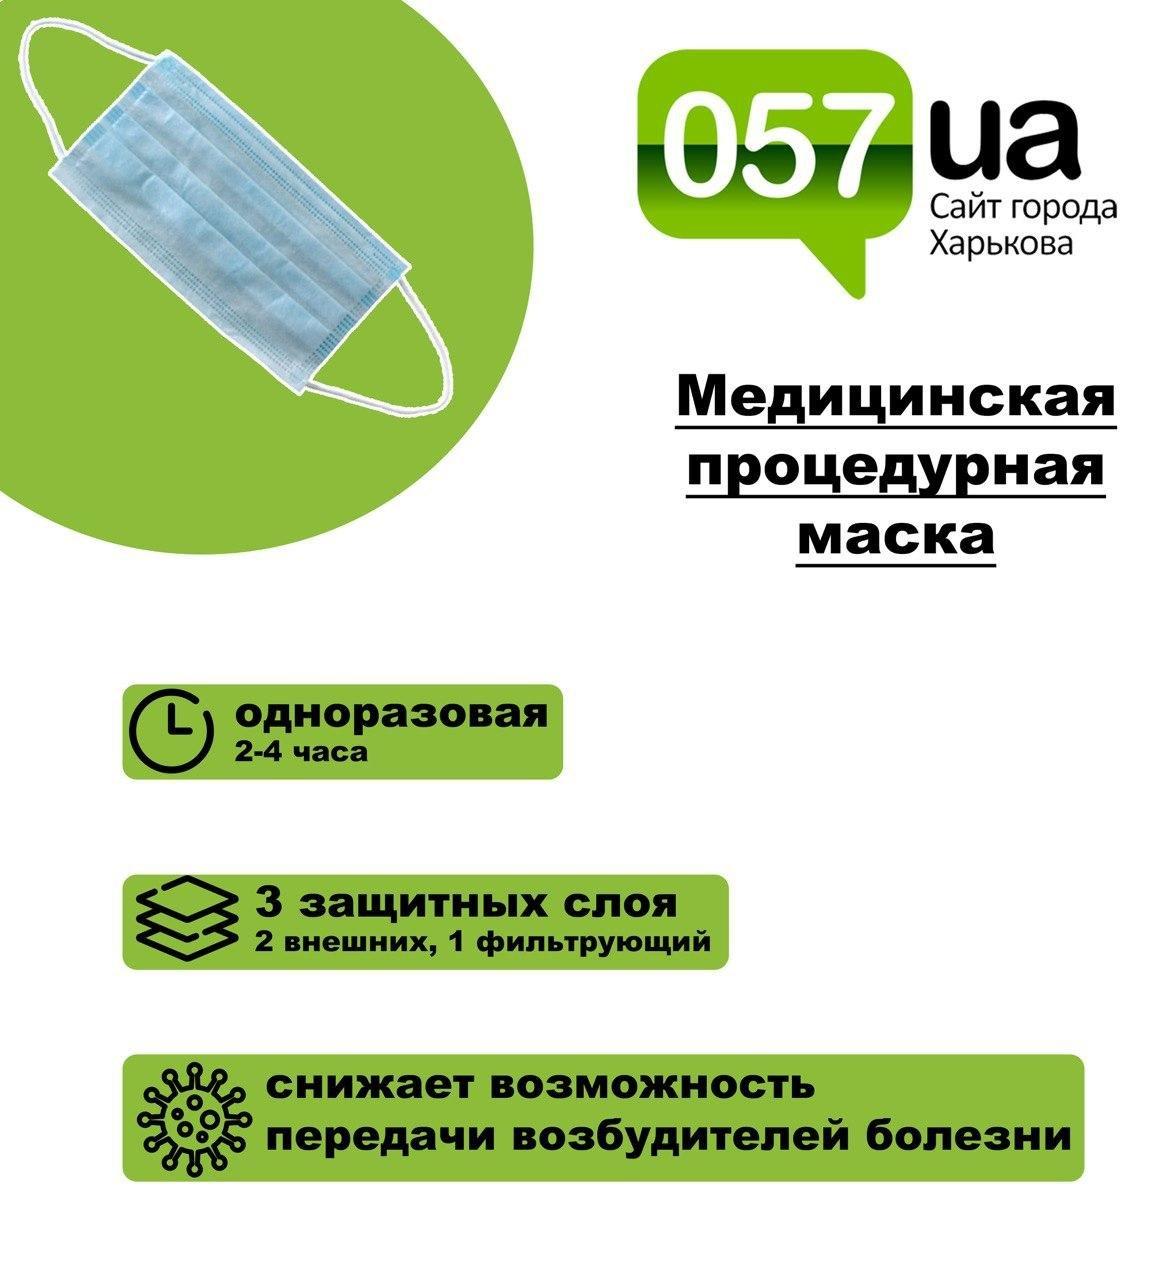 ТОП-5 видов защитных масок: насколько они помогают и чем отличаются, - ФОТО, фото-2